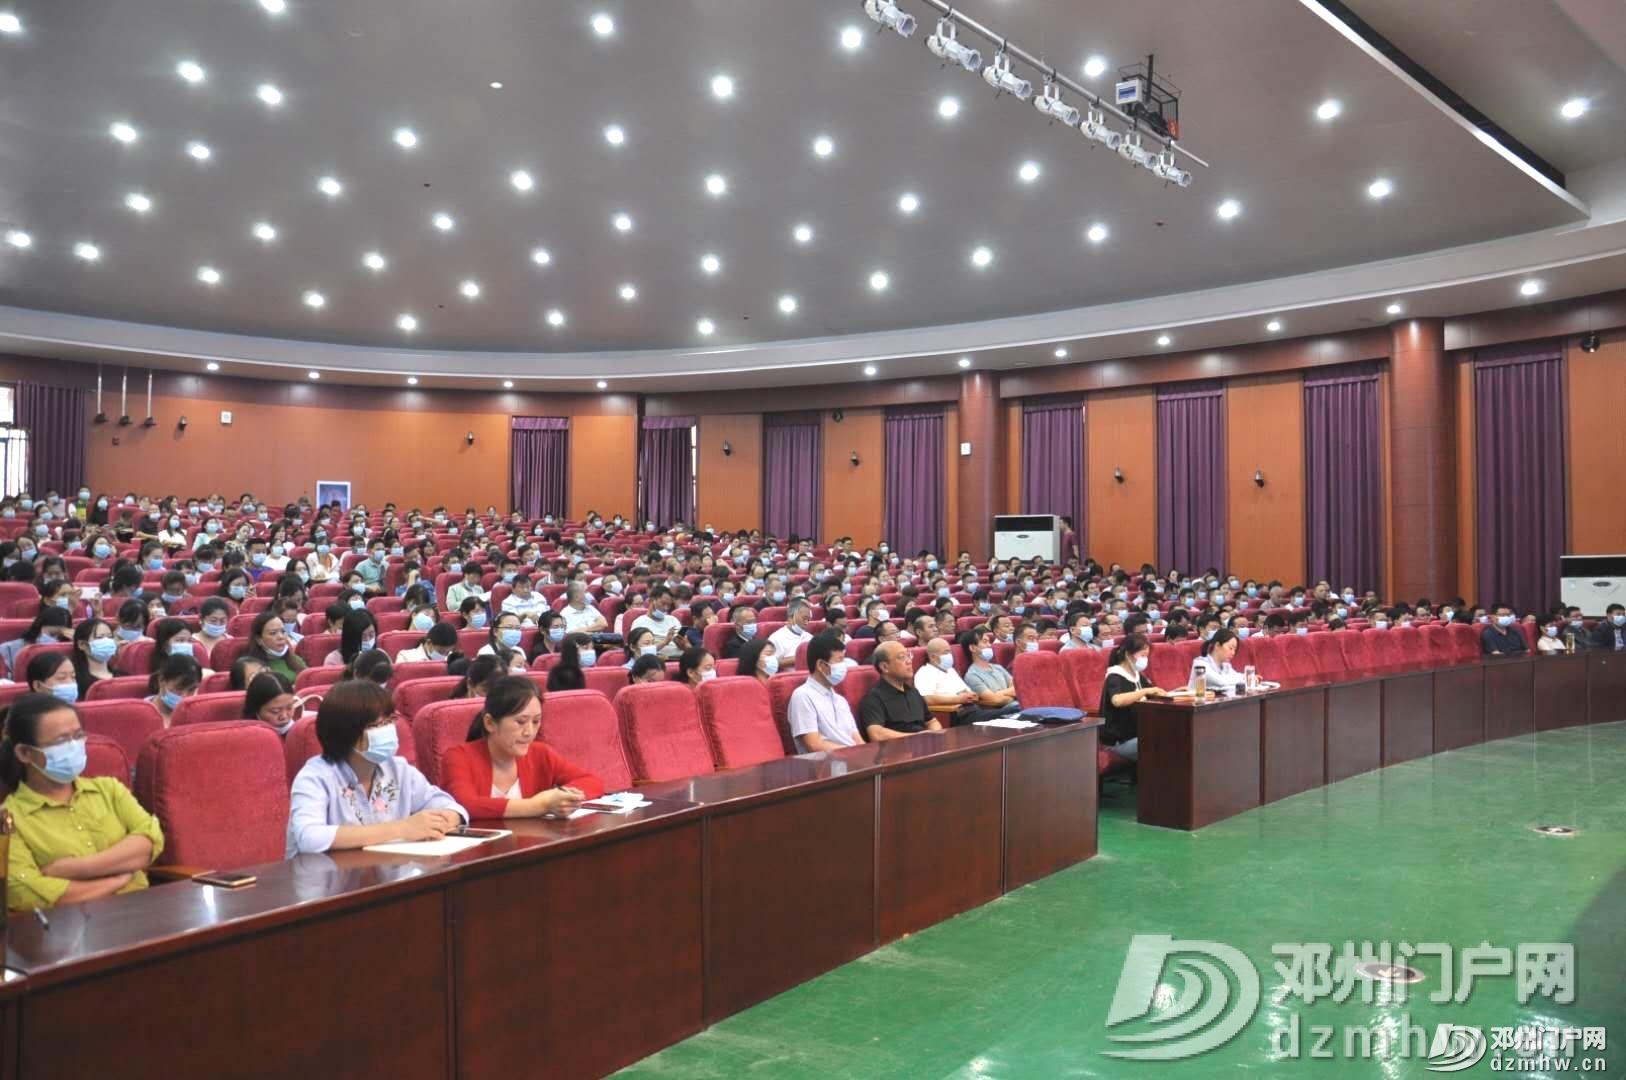 邓州市2020年暑期教师培训开班了...... - 邓州门户网|邓州网 - 617b636e159a3b2664a96d19ee6b95b9.png